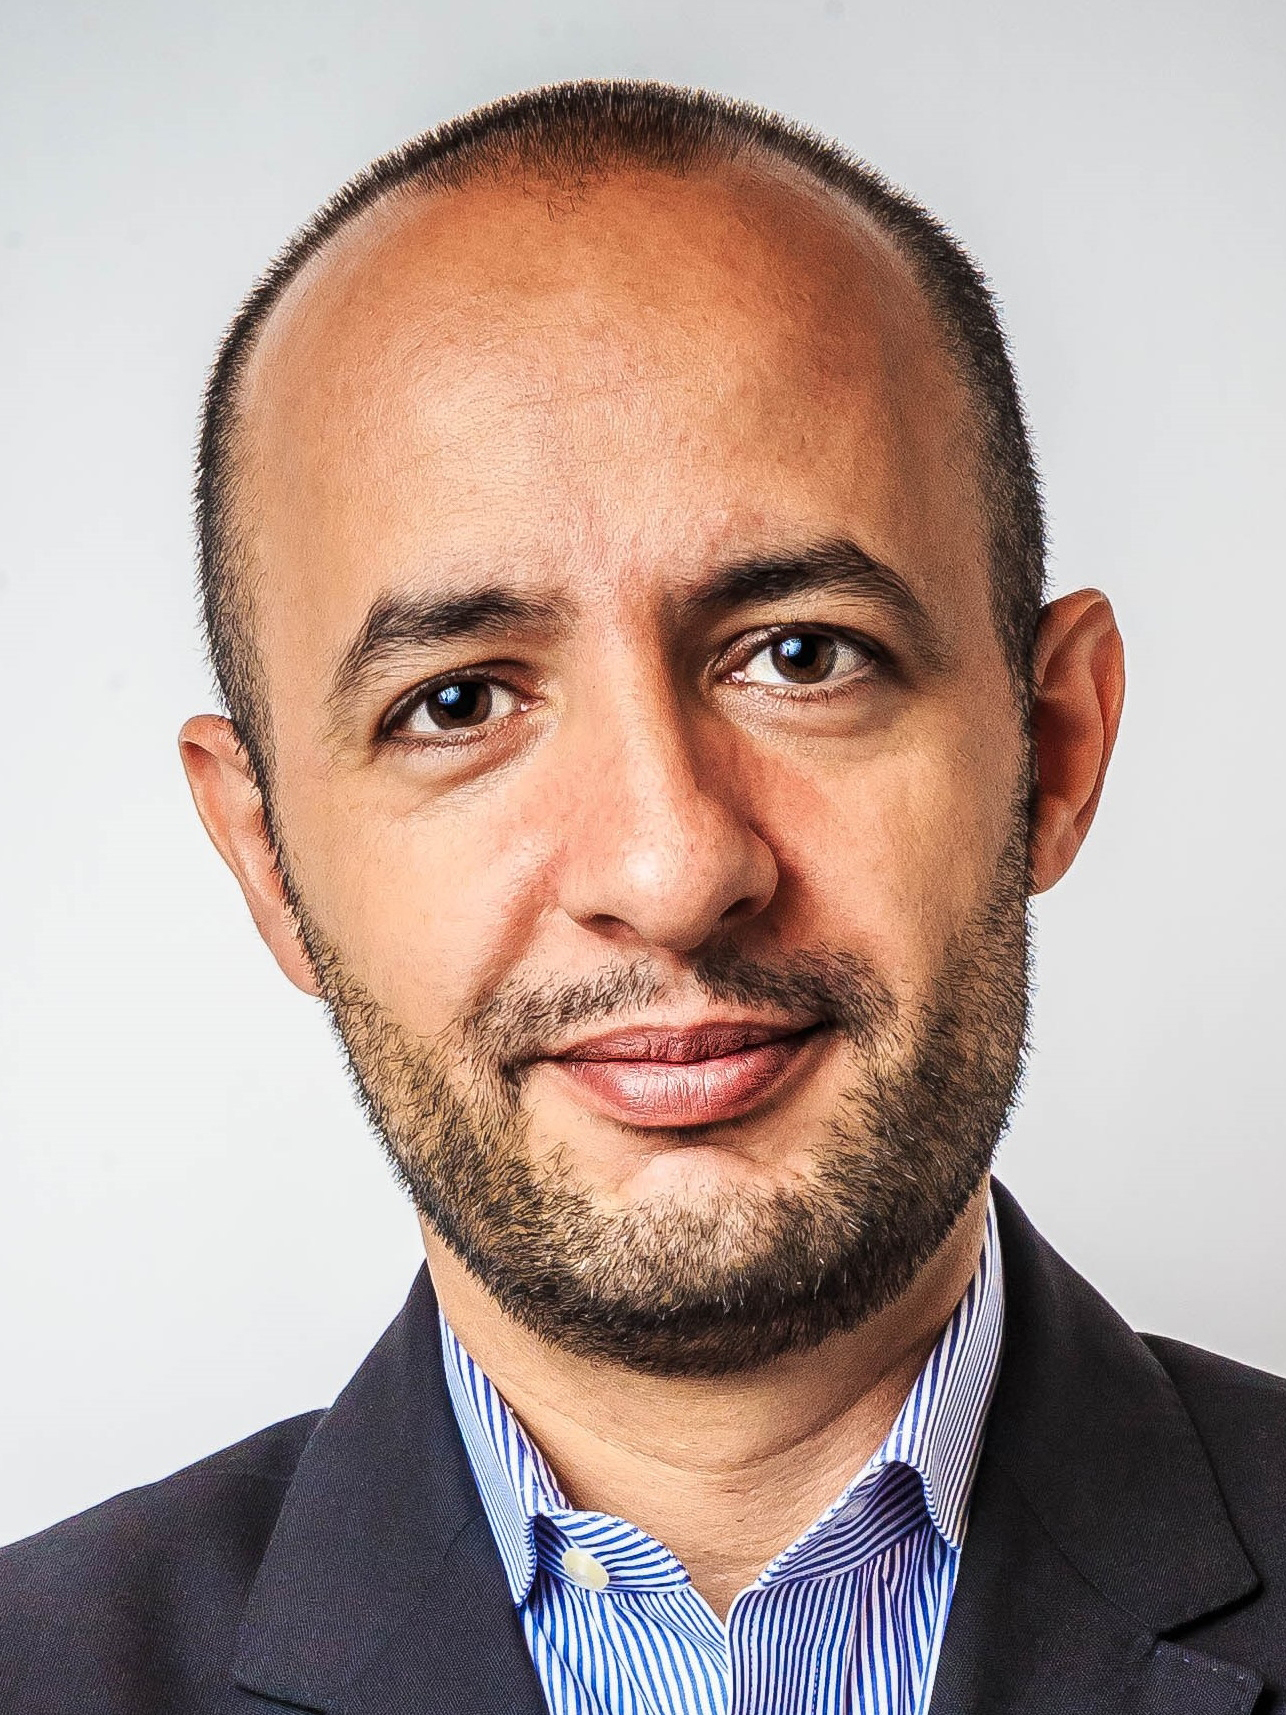 Mr. Hisham Ghostine